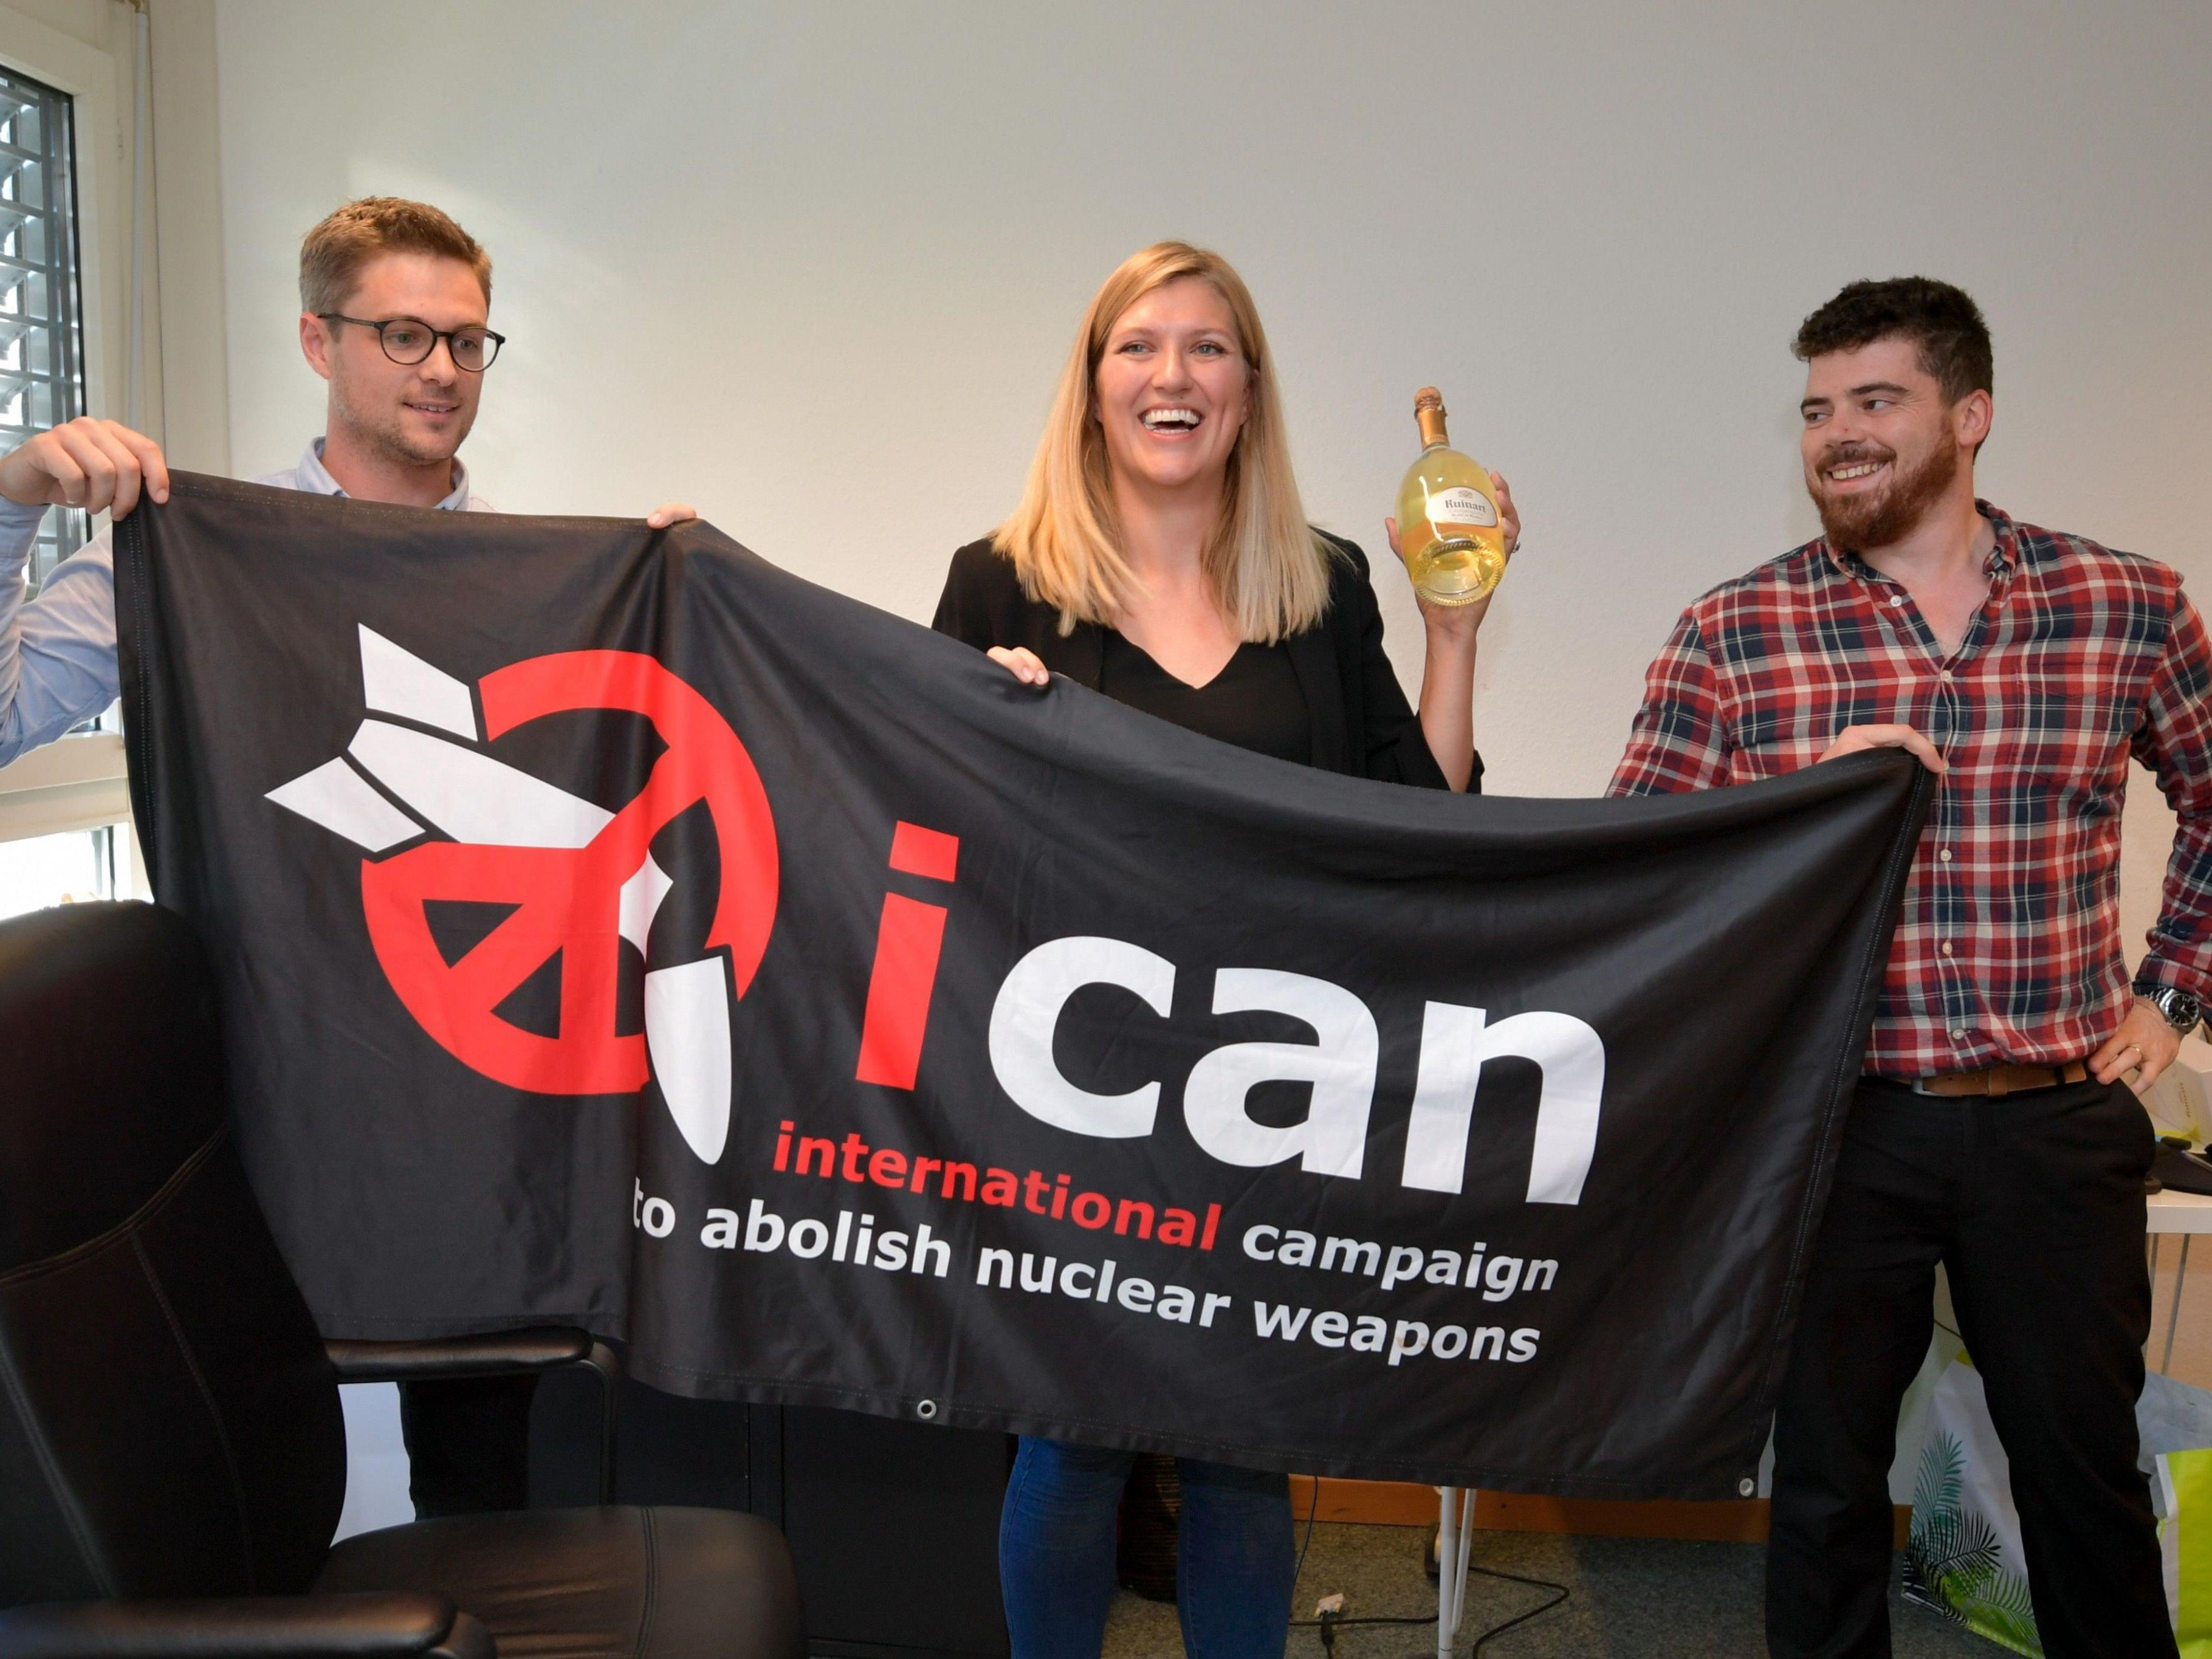 Ican wurde mit dem Friedensnobelpreis ausgezeichnet.